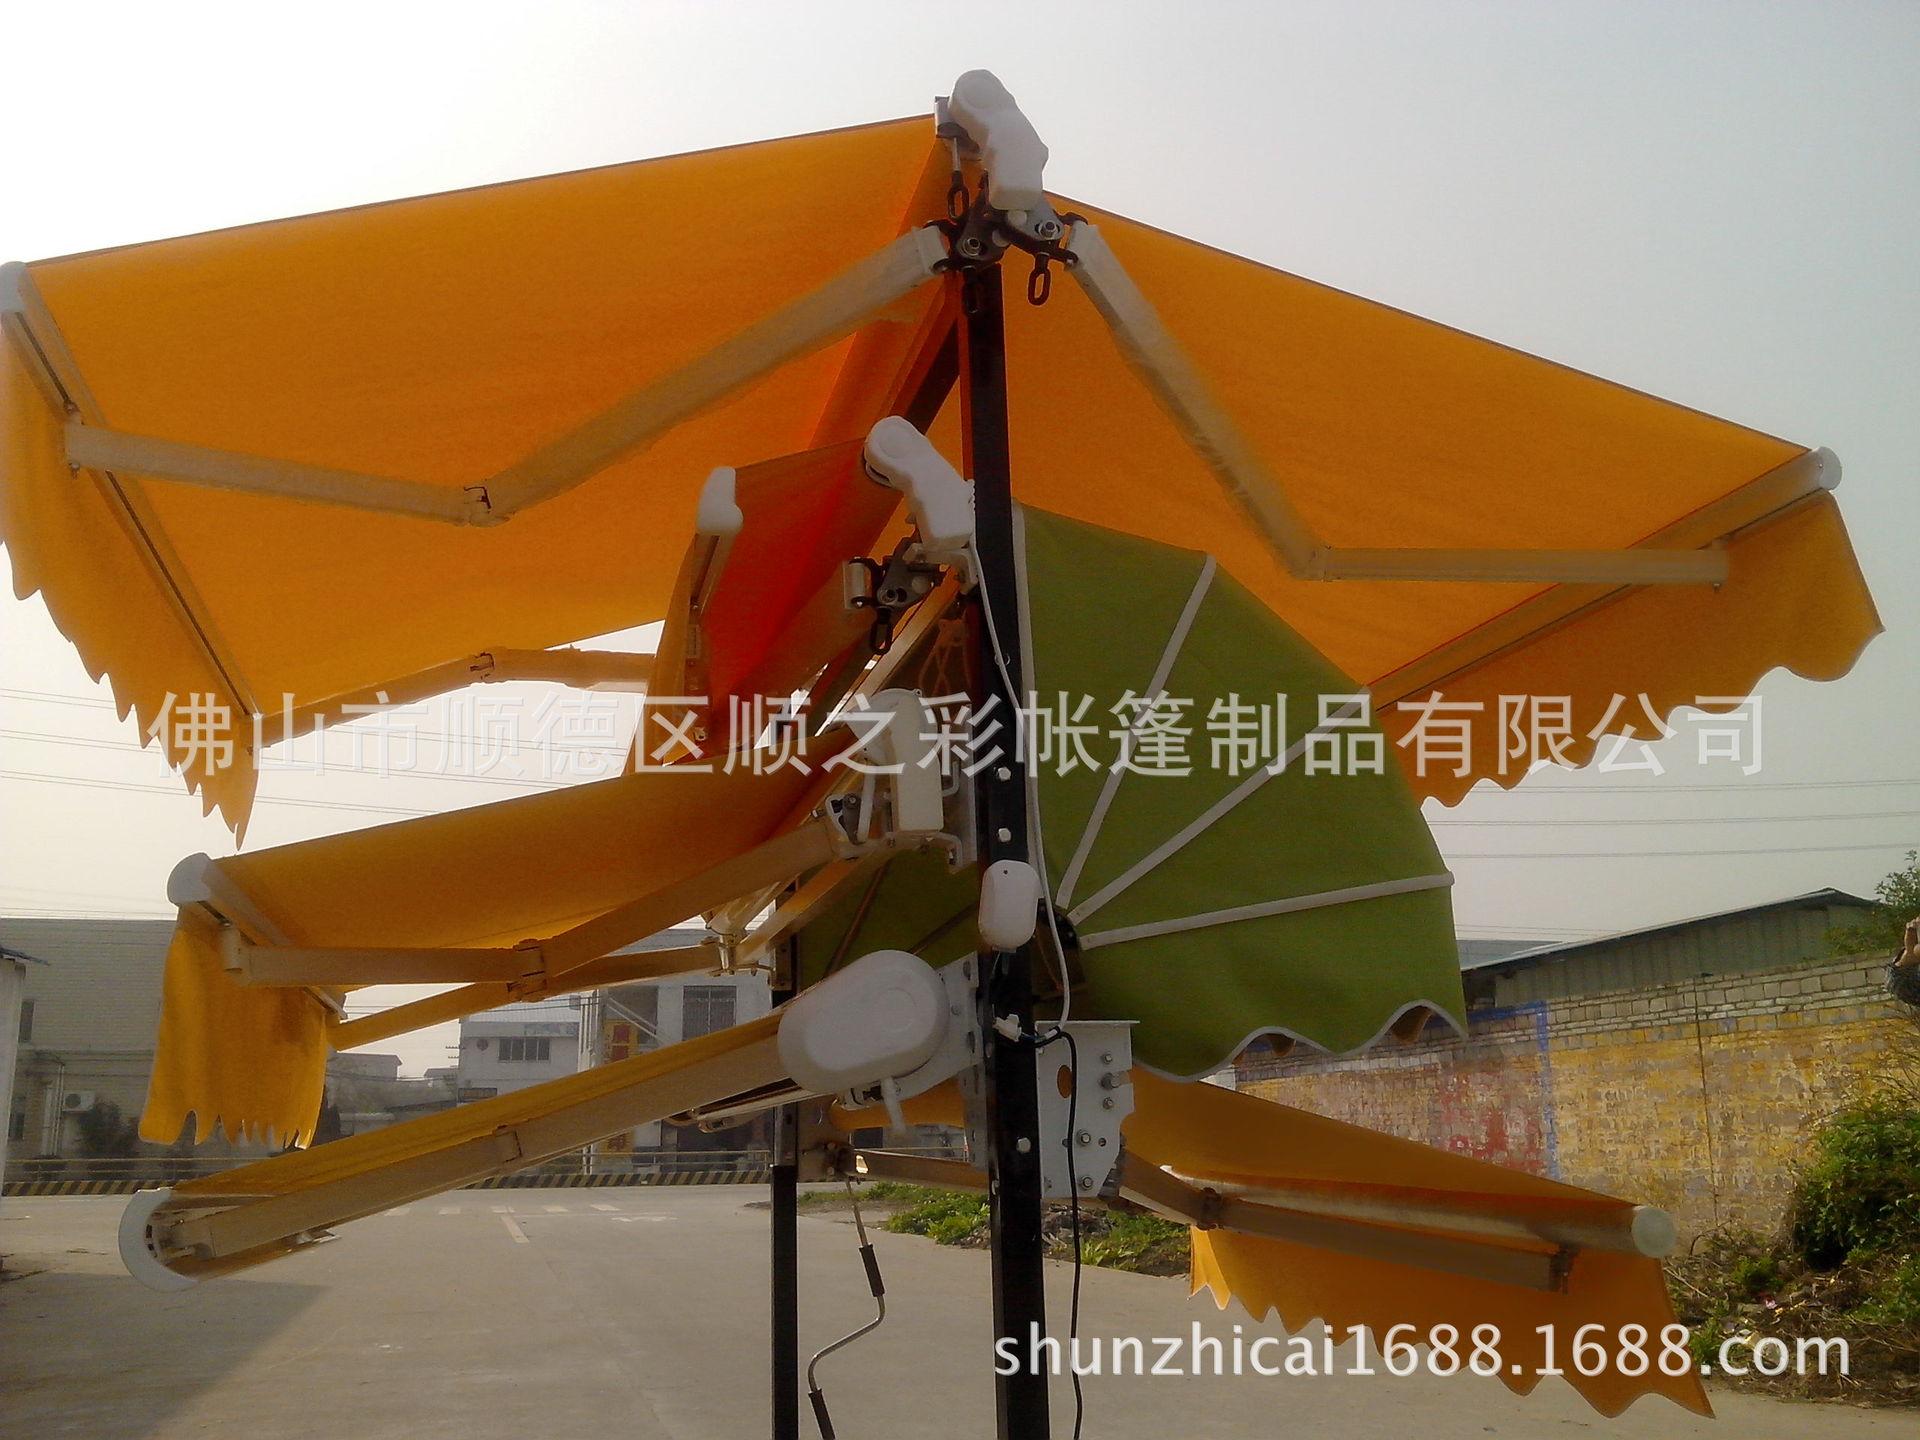 配件 长期供应雨棚遮阳棚 伸缩式折叠雨蓬 批发遮阳蓬 阿里巴巴